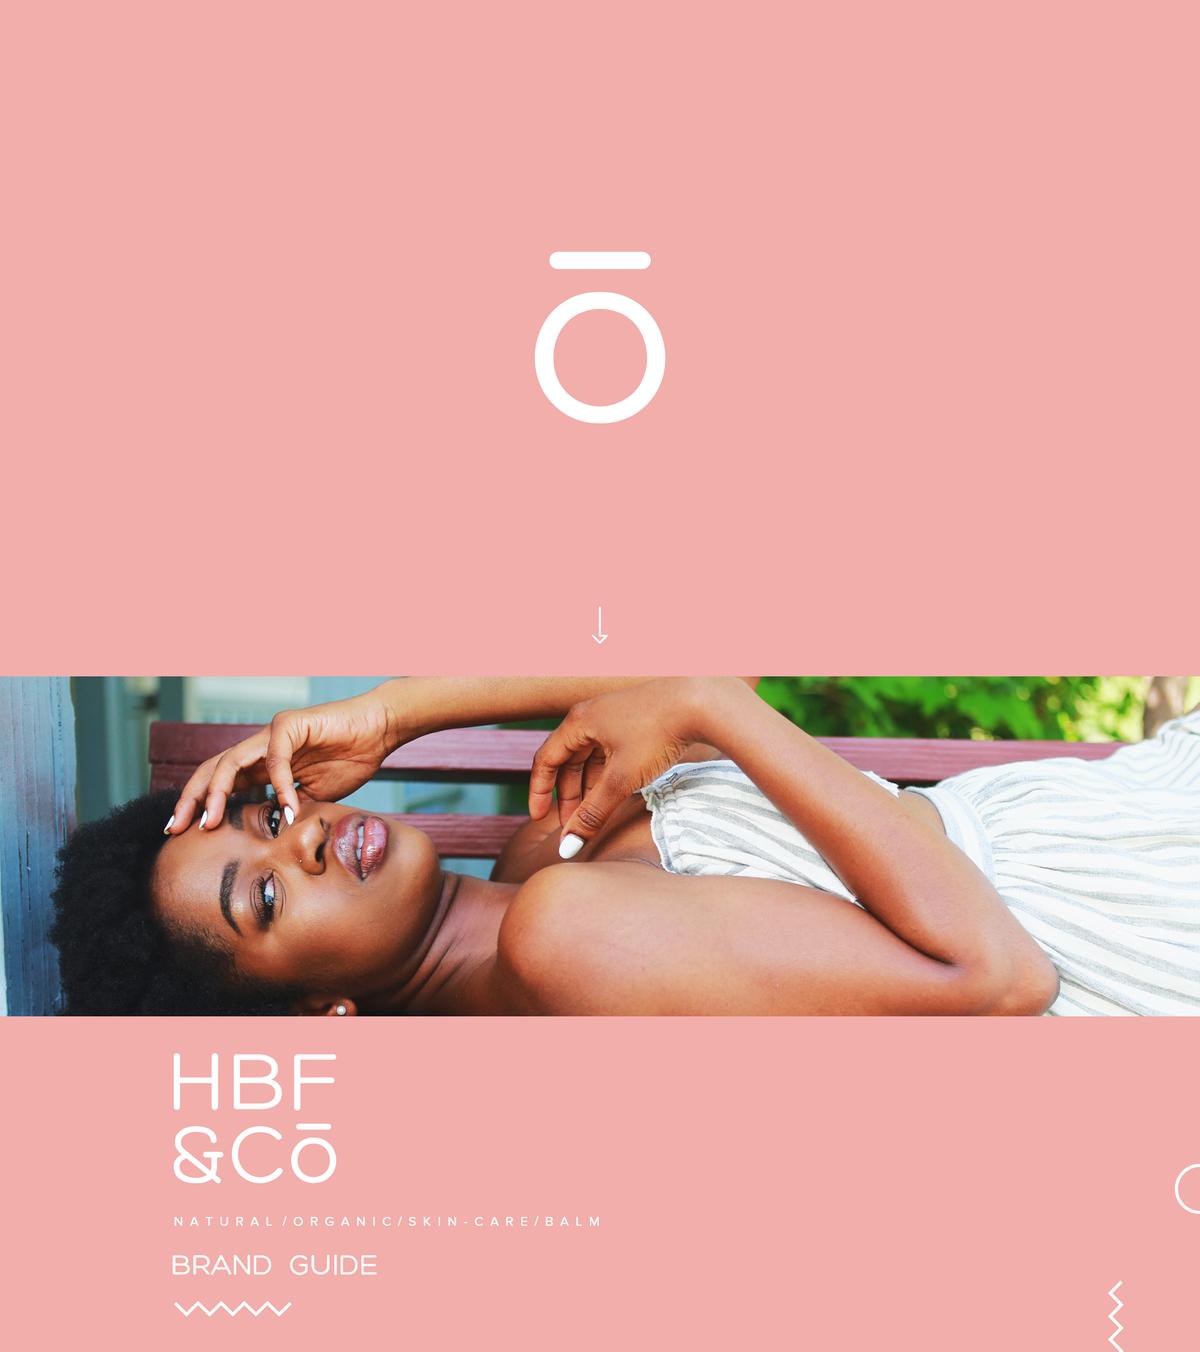 HBF&Co brand guide design.